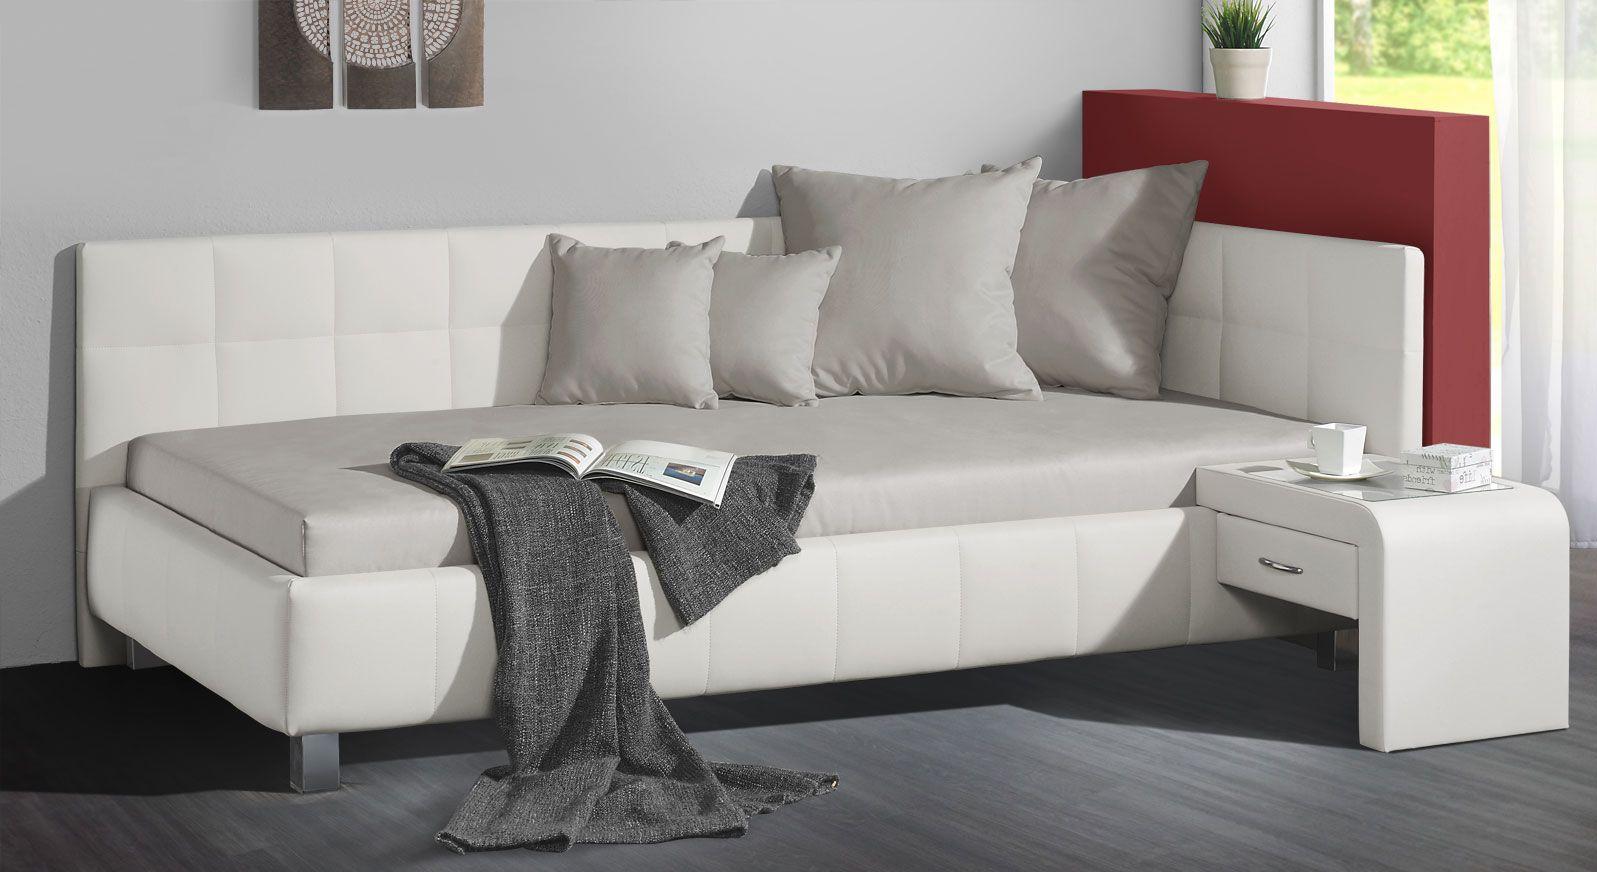 Studioliege Nuca in der Farbkombination weiß und hellgrau